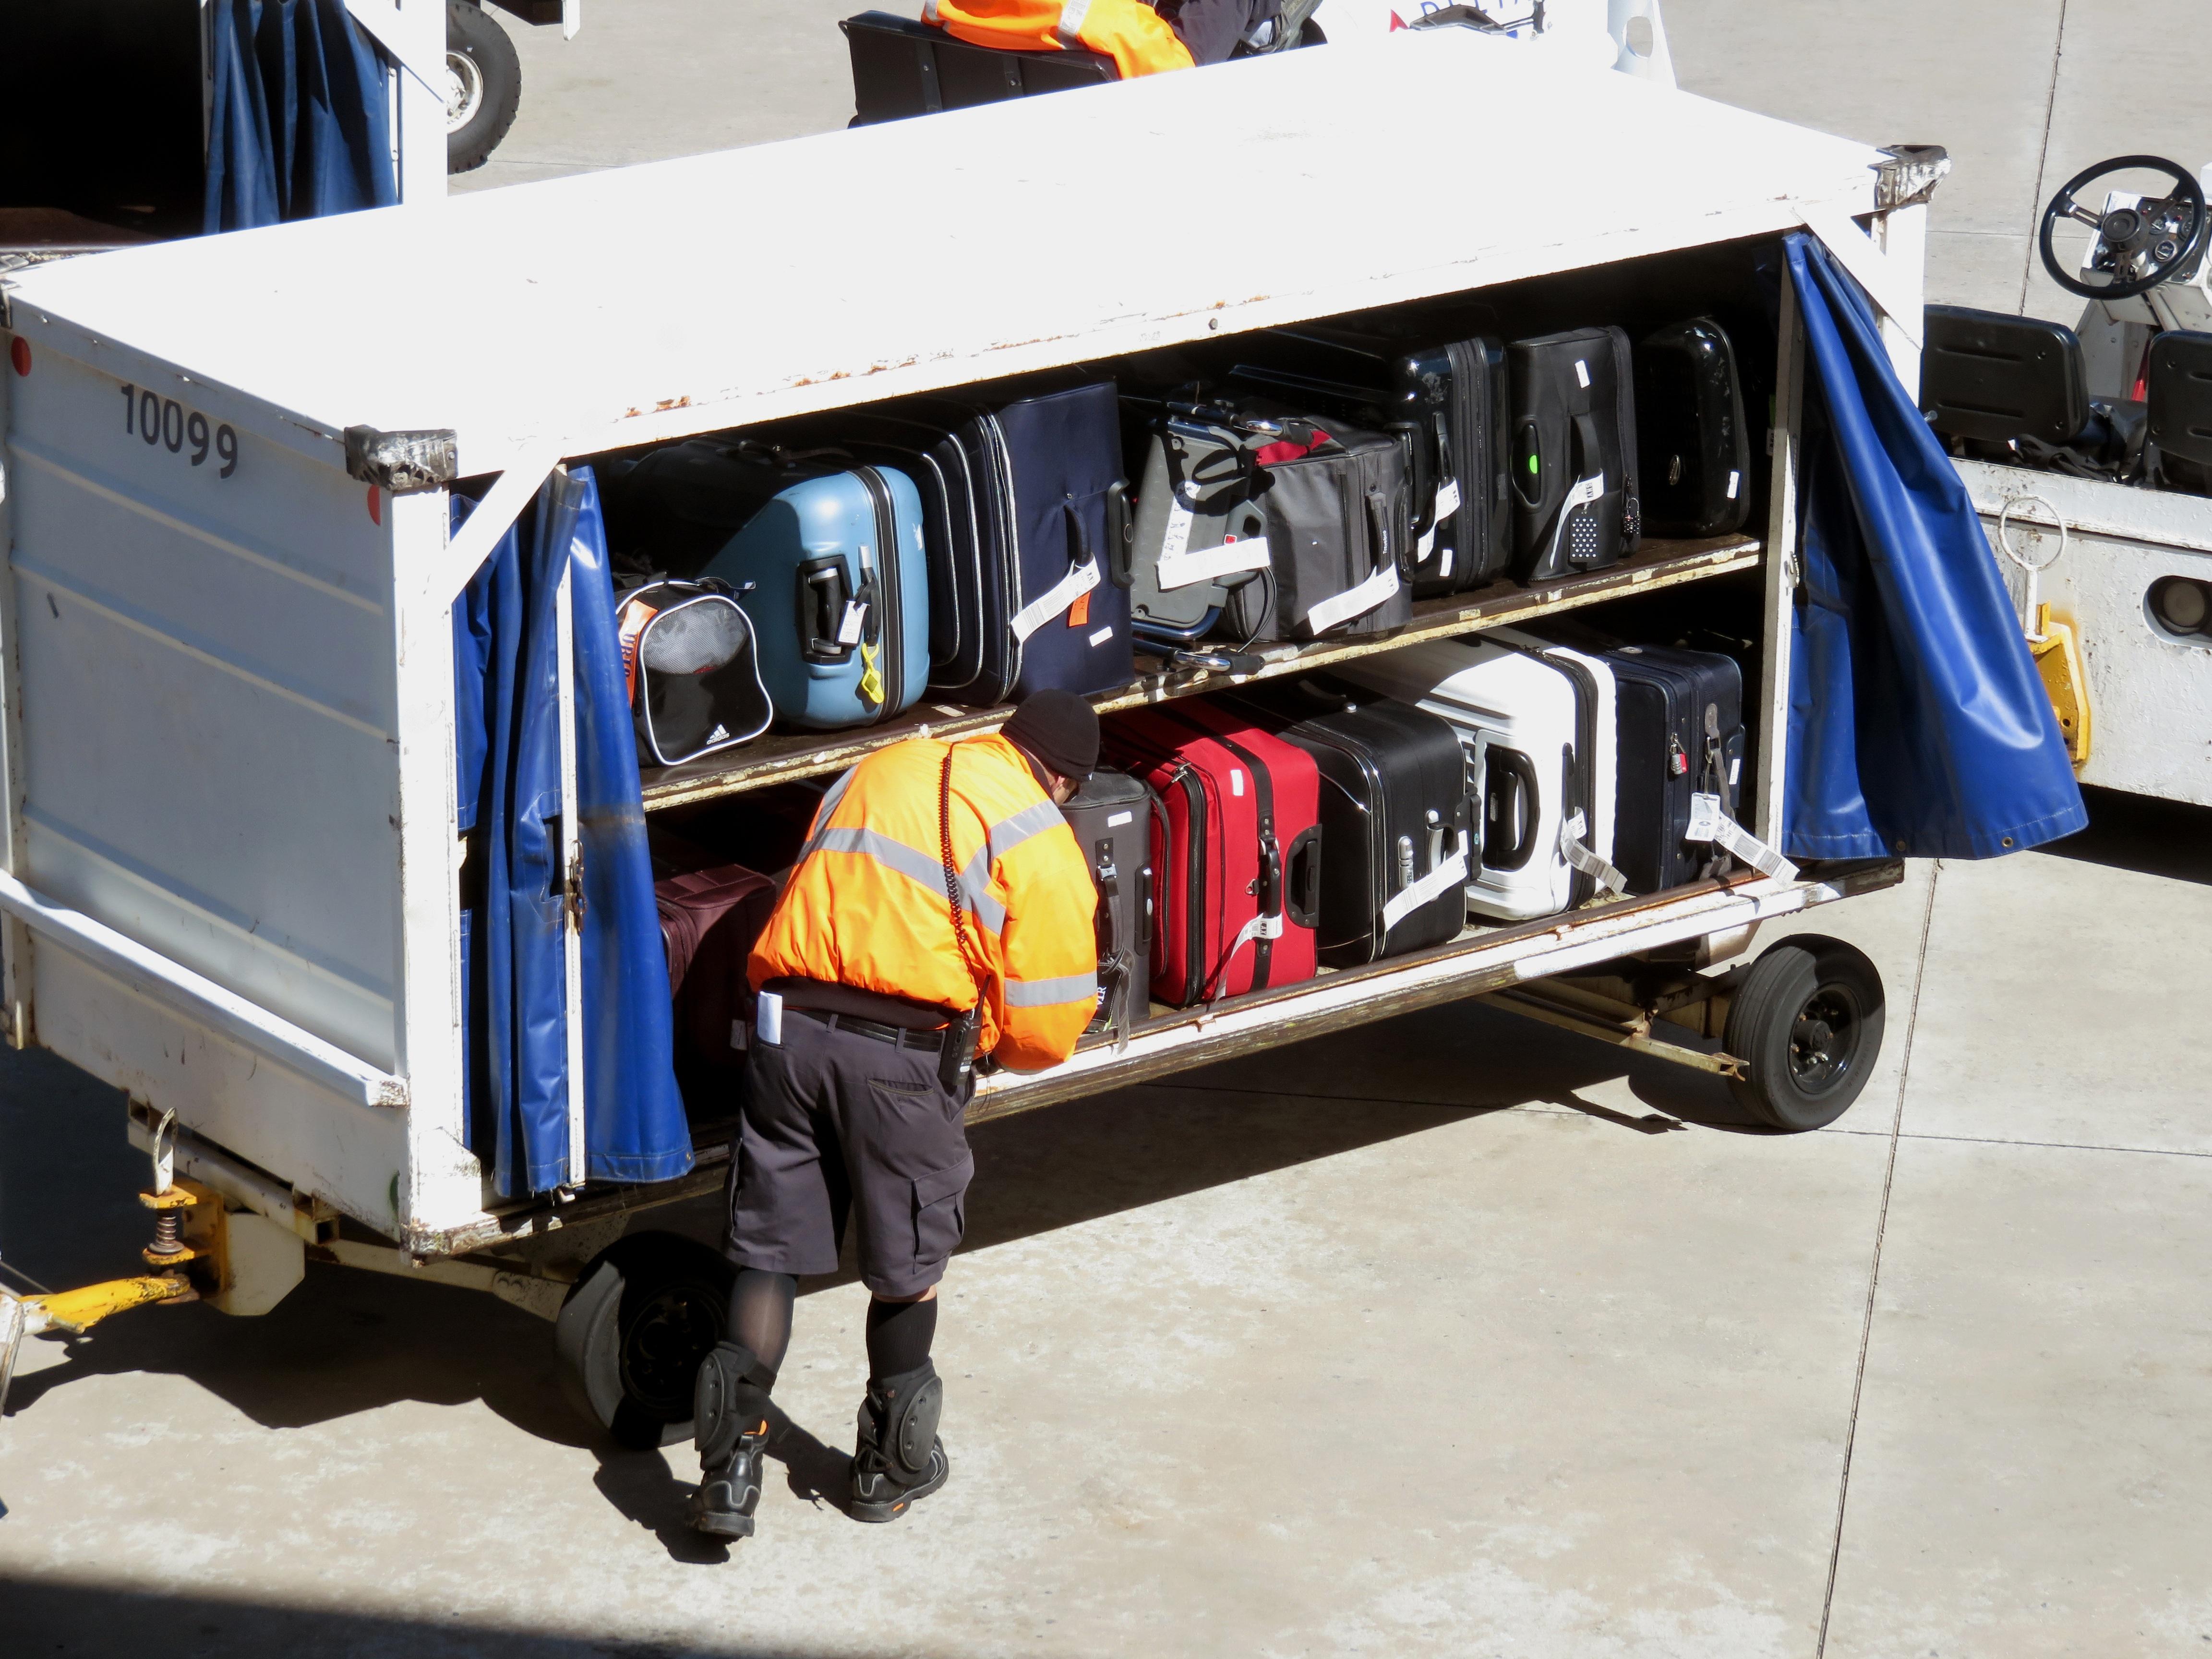 Gambar Kerja Mobil Gerobak Bandara Liburan Perjalanan